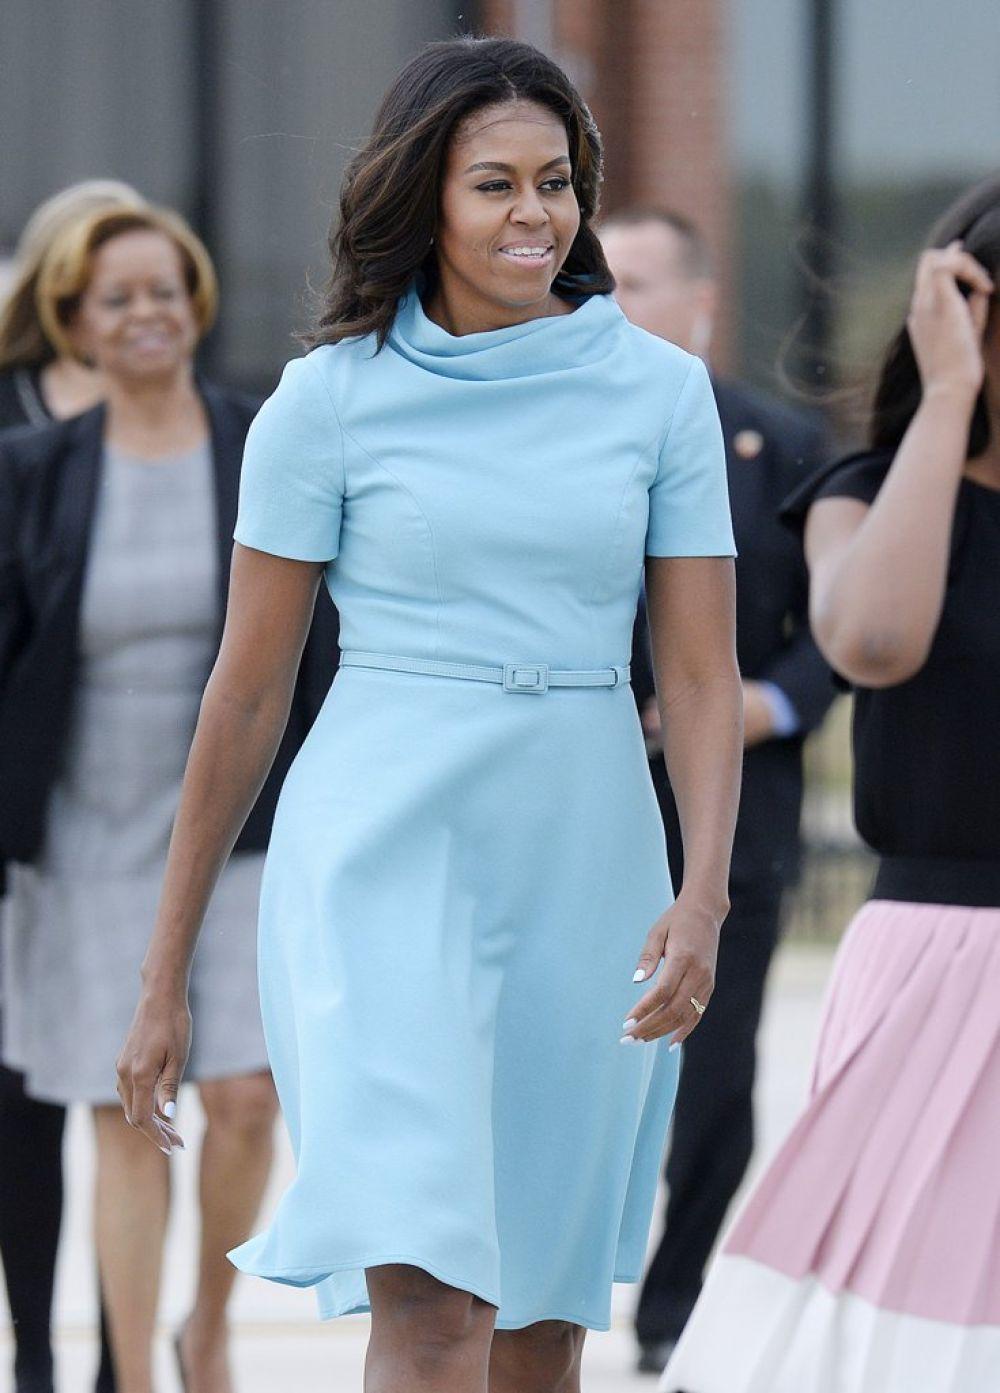 Очень нежное платье. Без стиля у Мишель выходов на публику не бывает